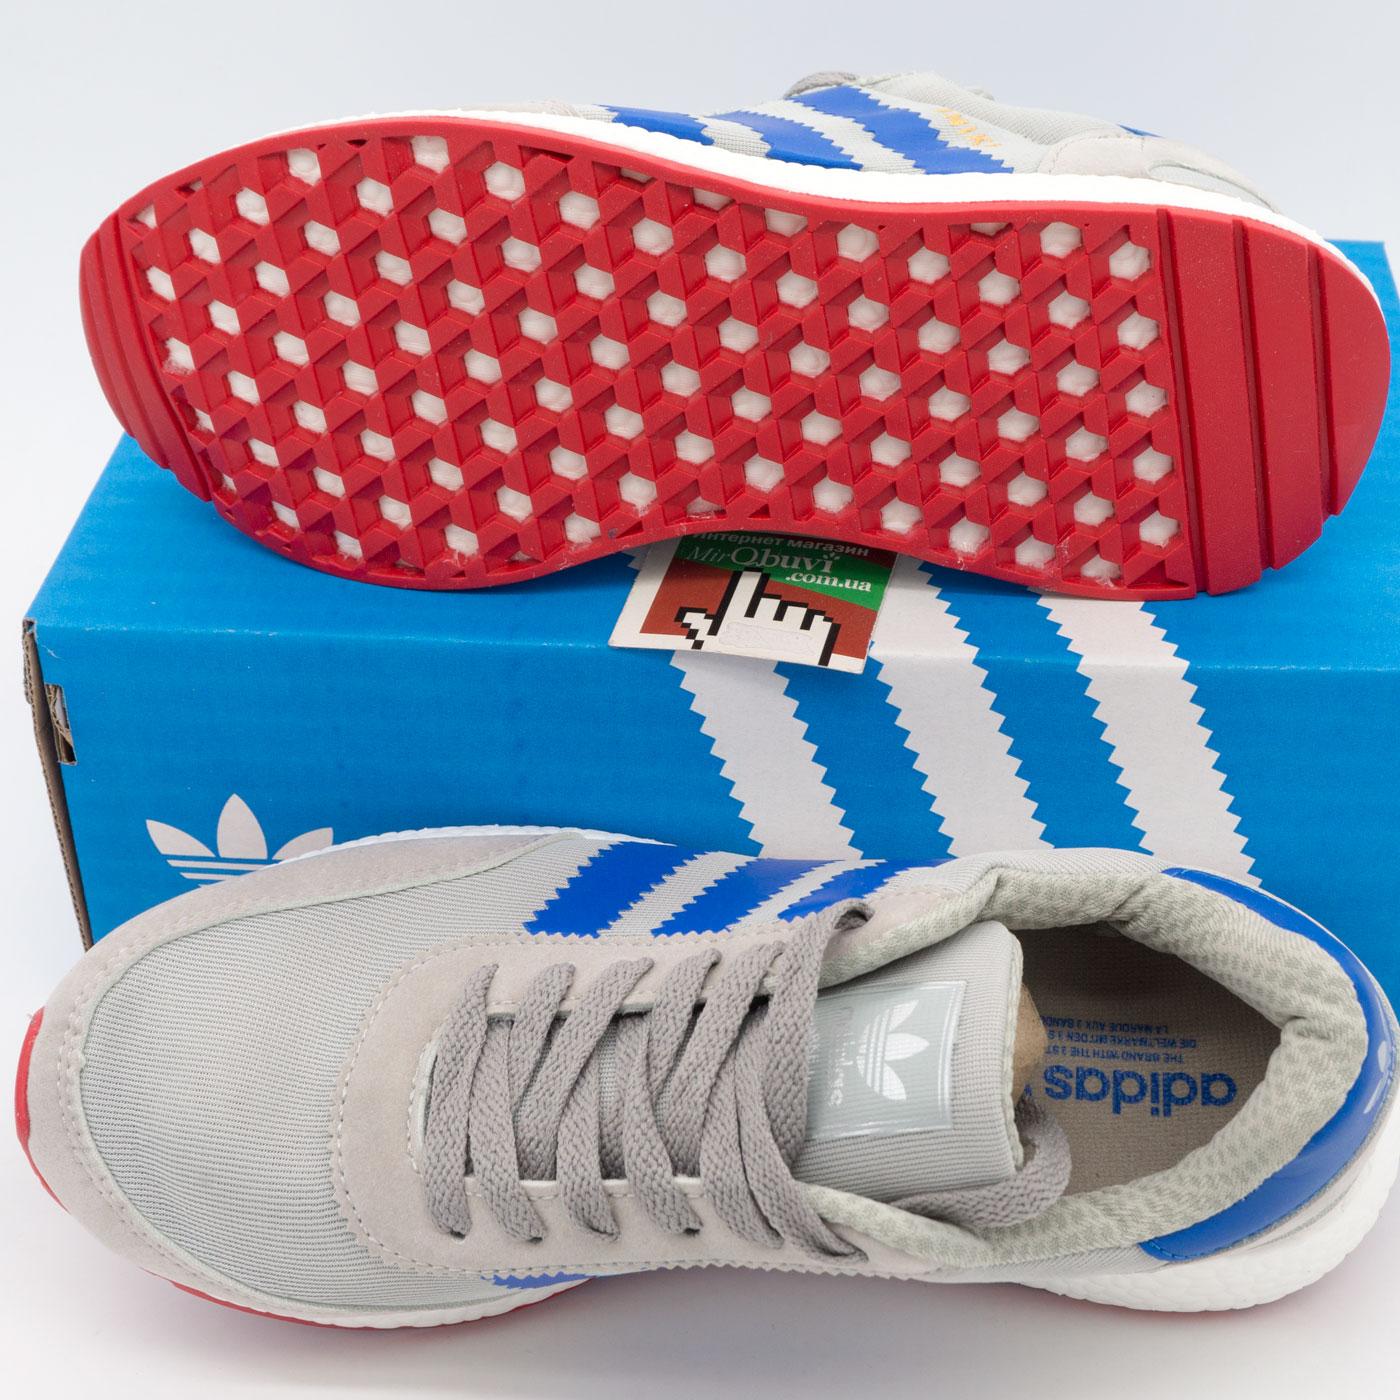 фото bottom Кроссовки для бега Adidas Iniki Runner серые с синим bottom